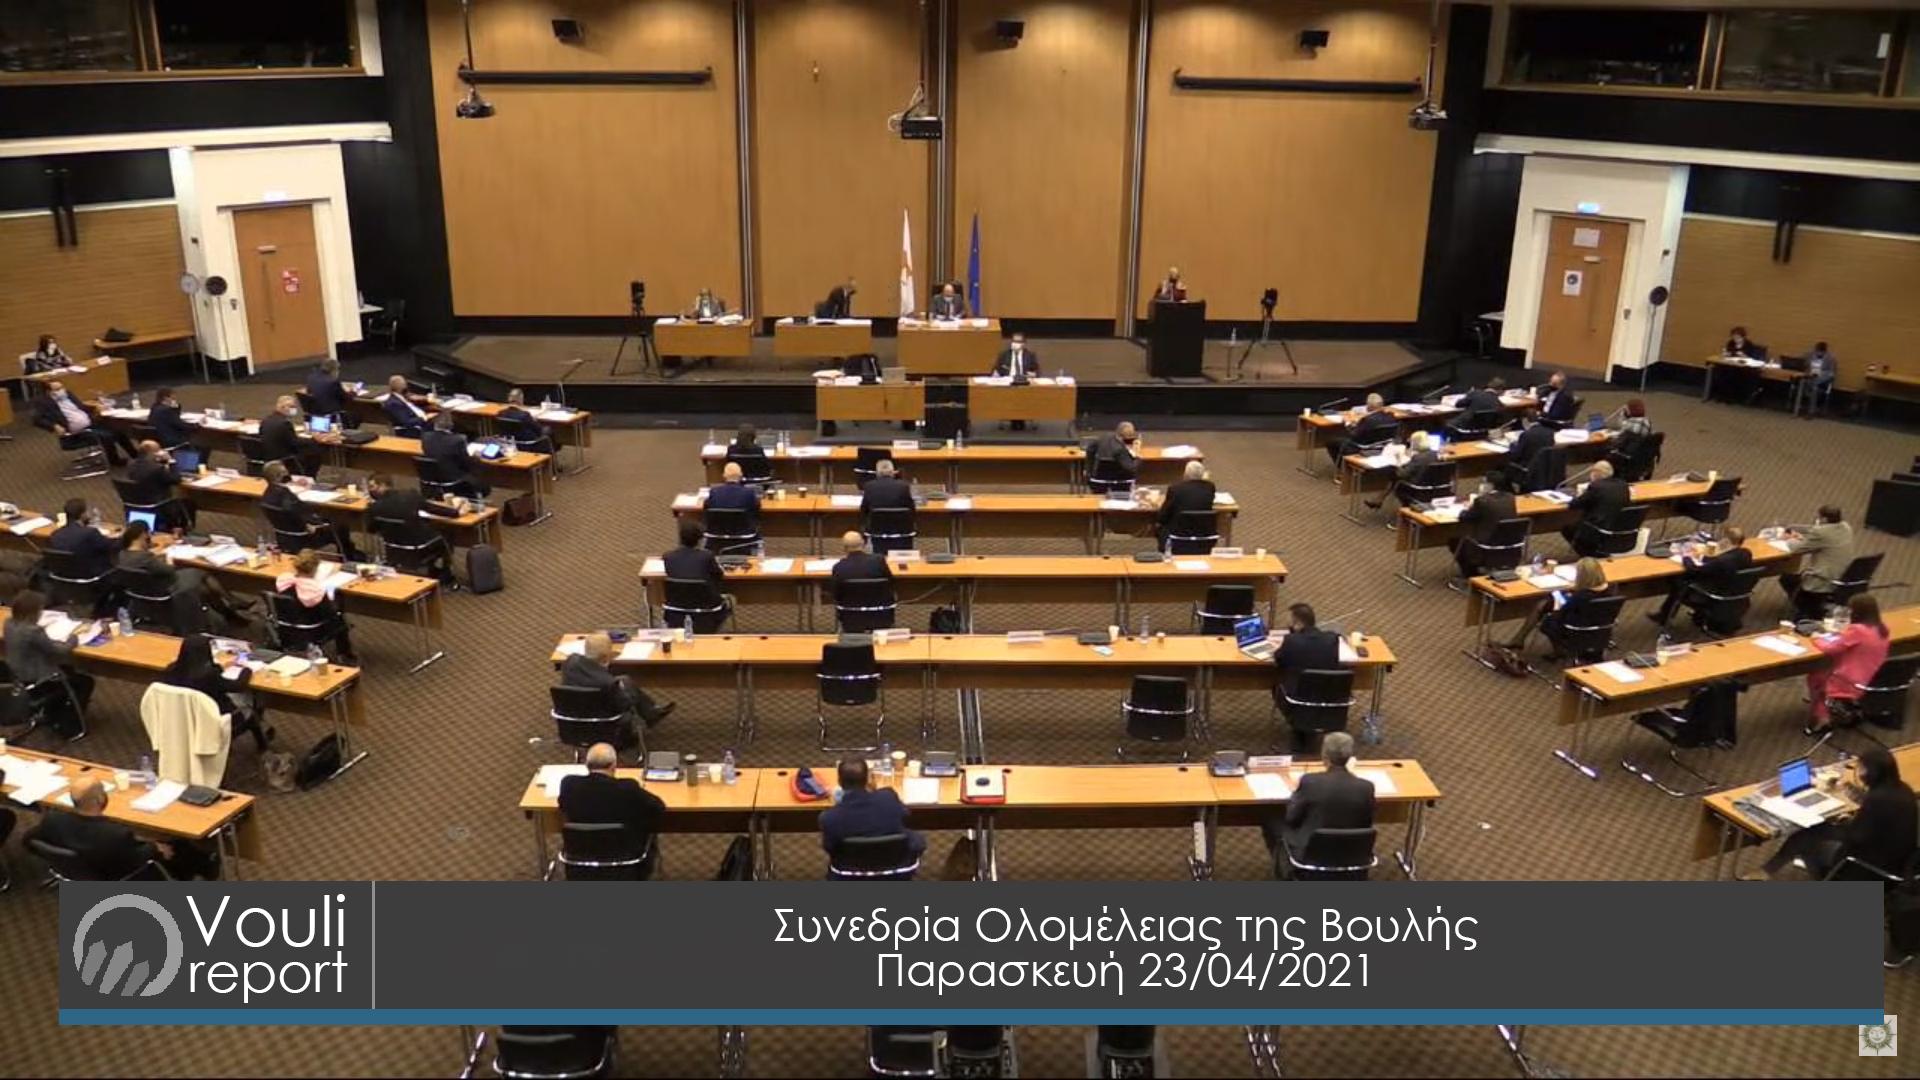 Συνεδρία Ολομέλειας της Βουλής | 23/04/2021